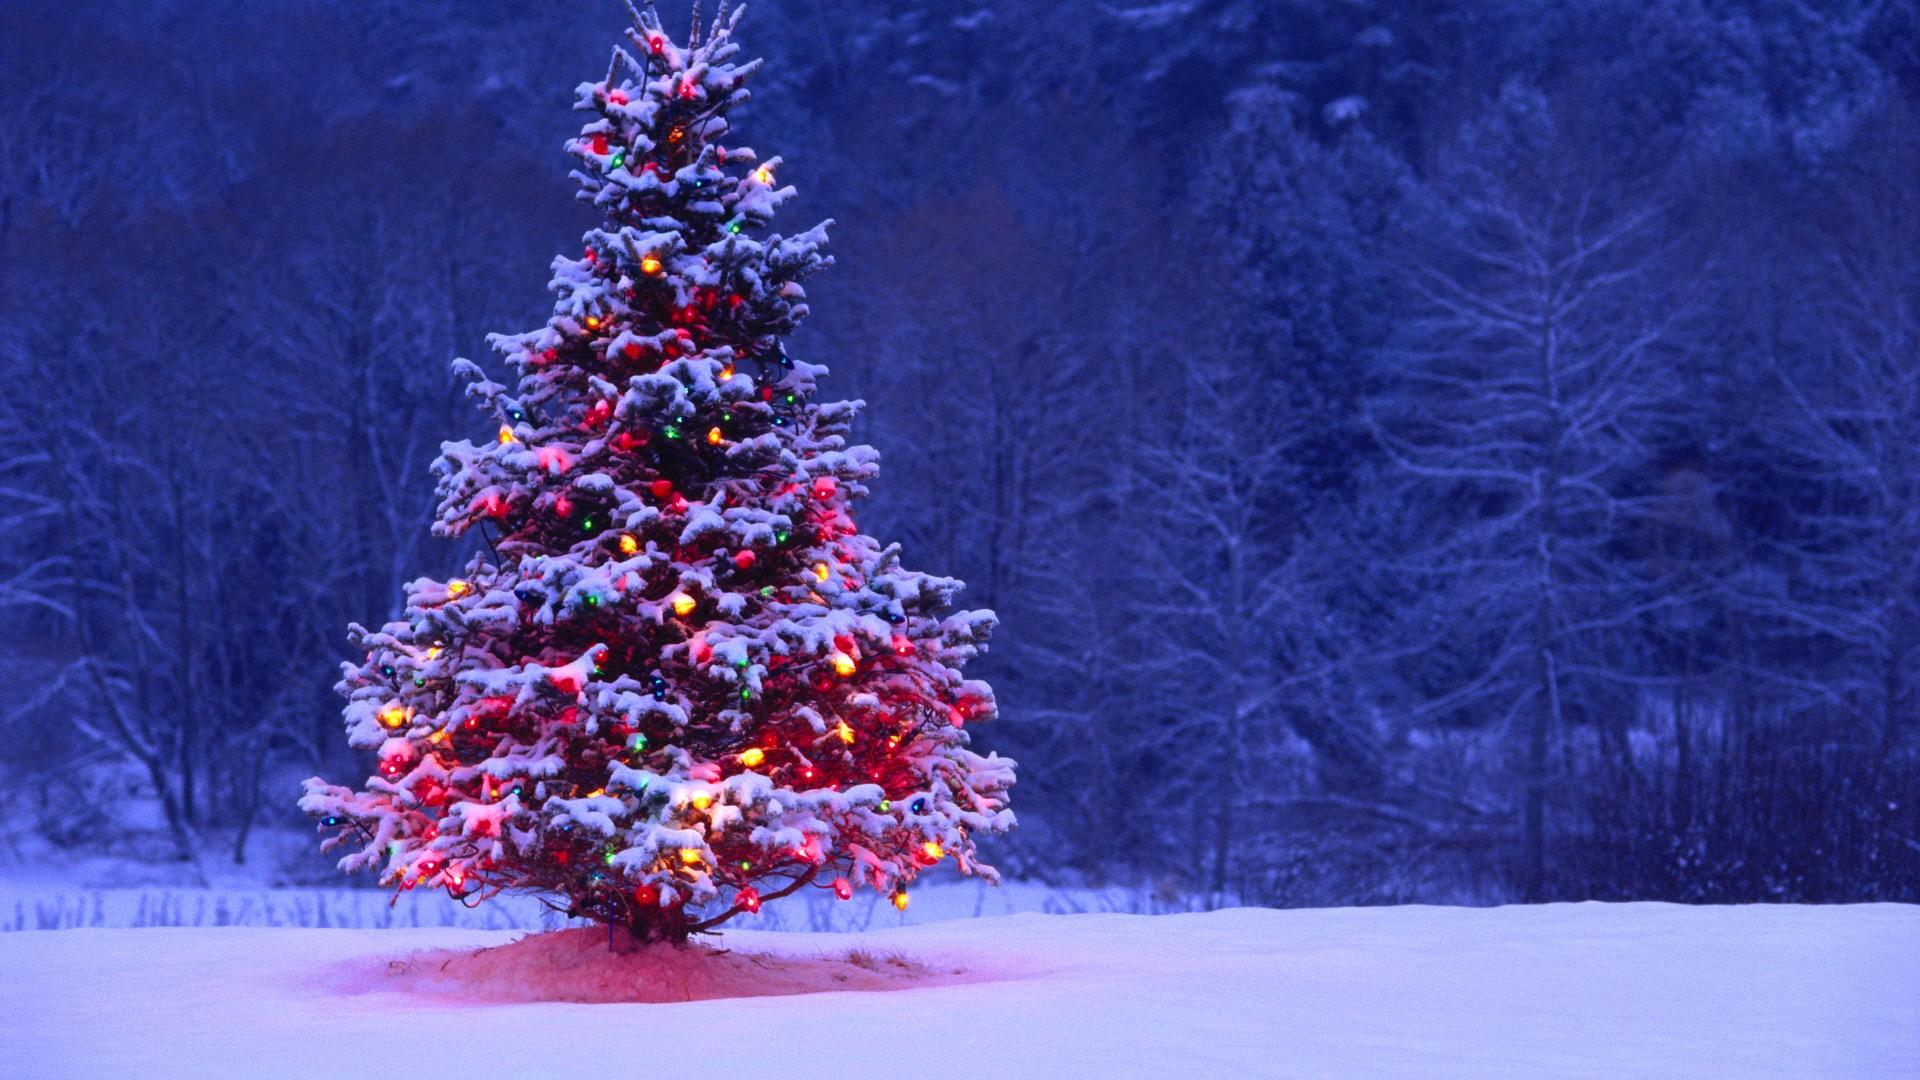 Christmas Tree Hd Wallpapers Best Desktop Images Widescreen Christmas Wallpaper 42726472 Fanpop